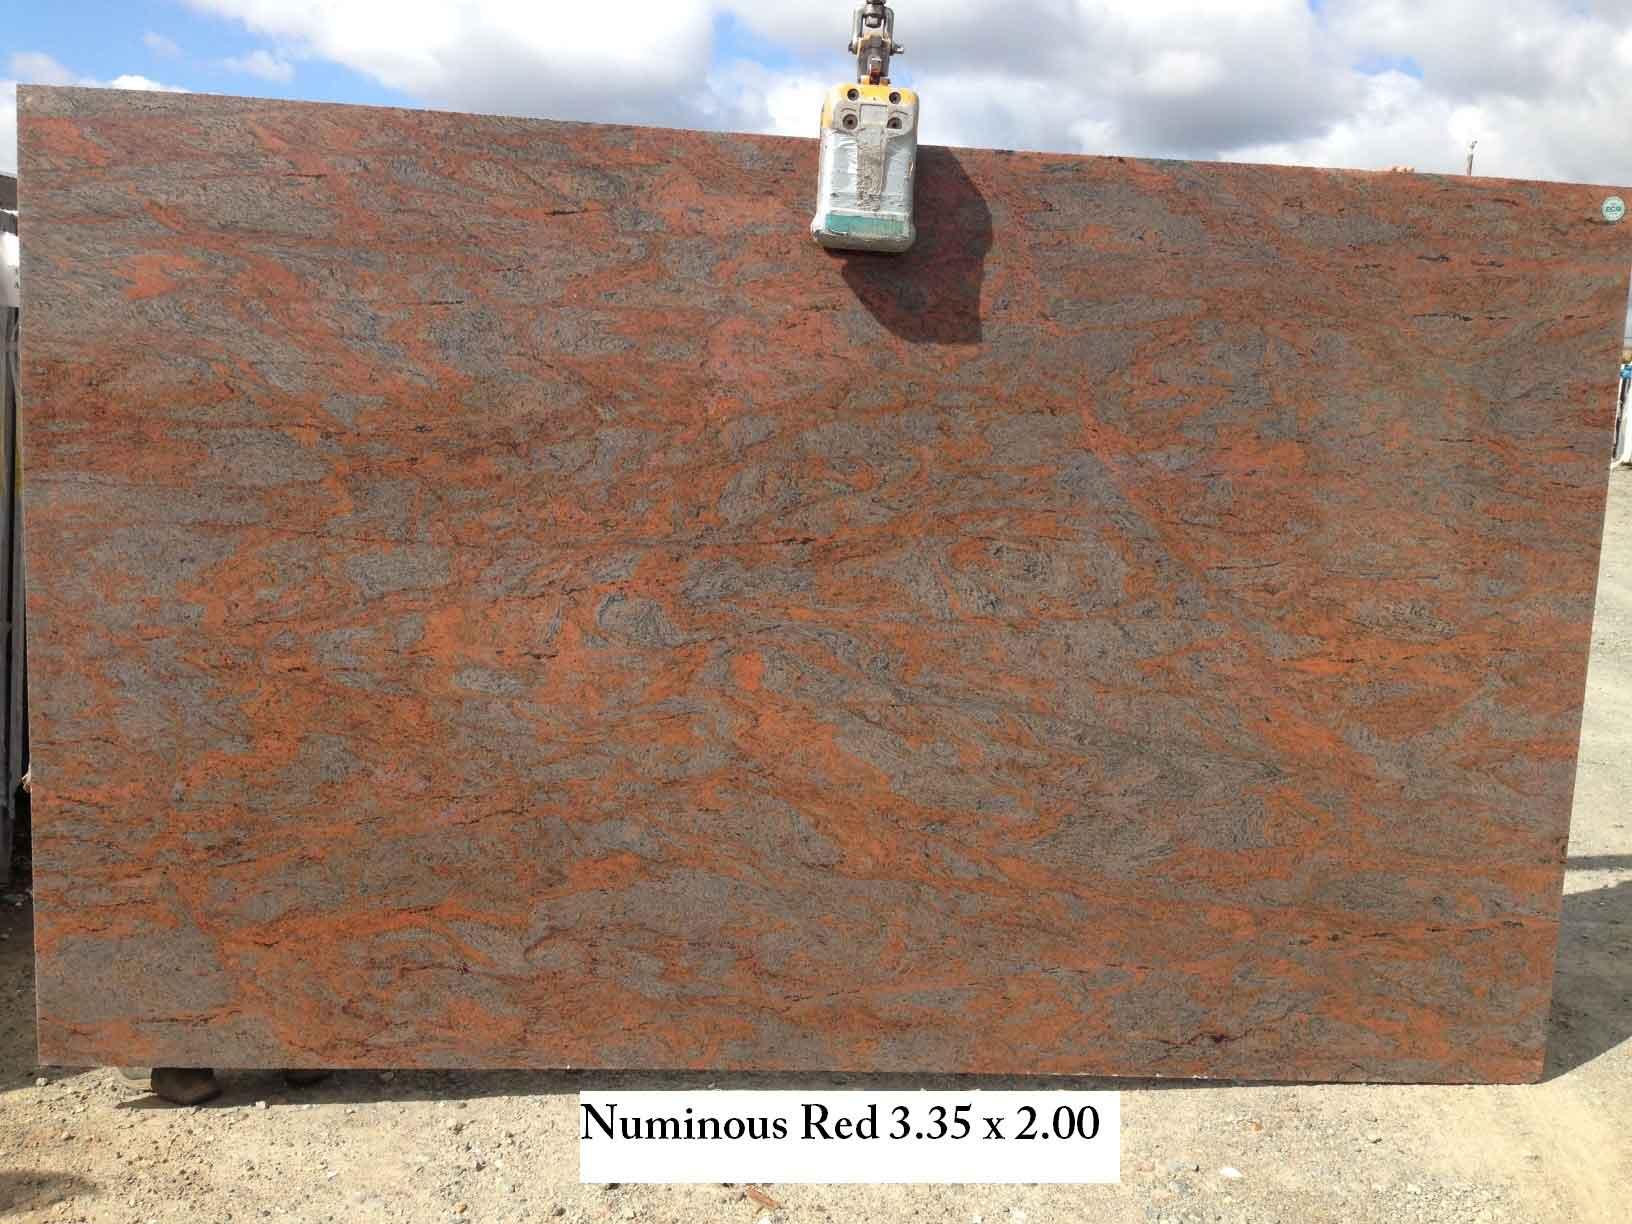 Numinous Red Granite